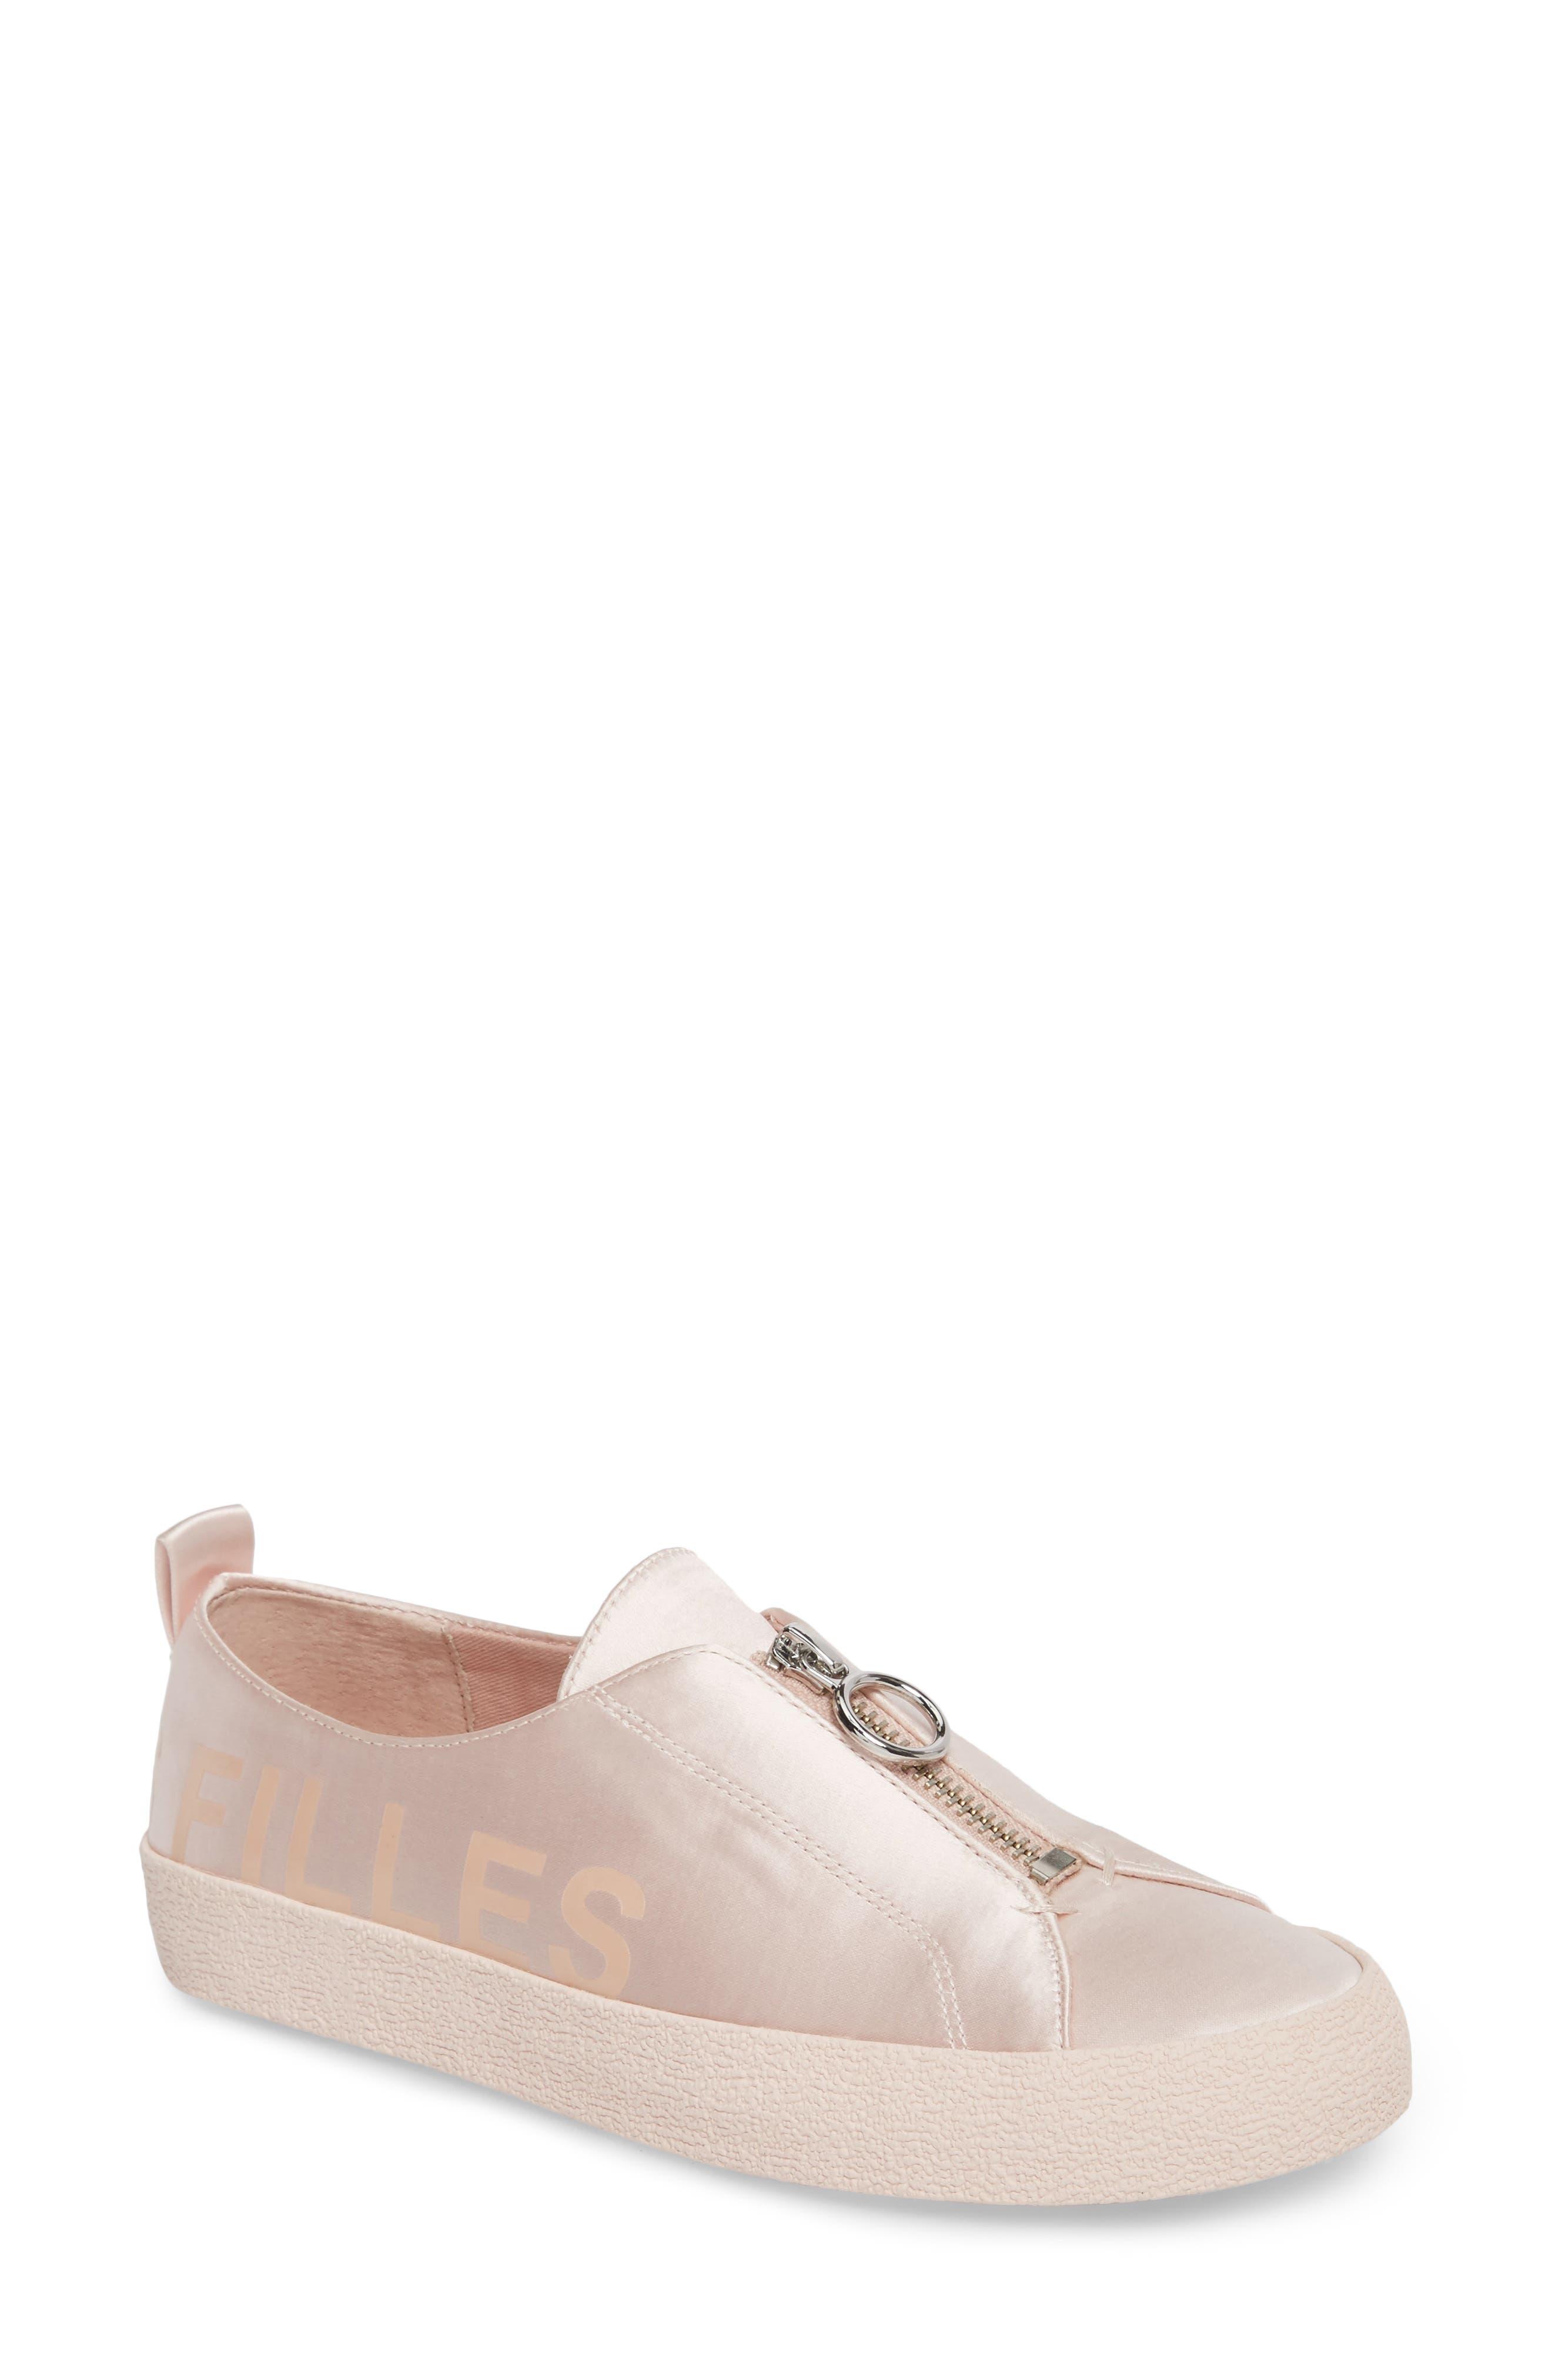 Sasha Zip Sneaker,                         Main,                         color, Avec Pink Fabric